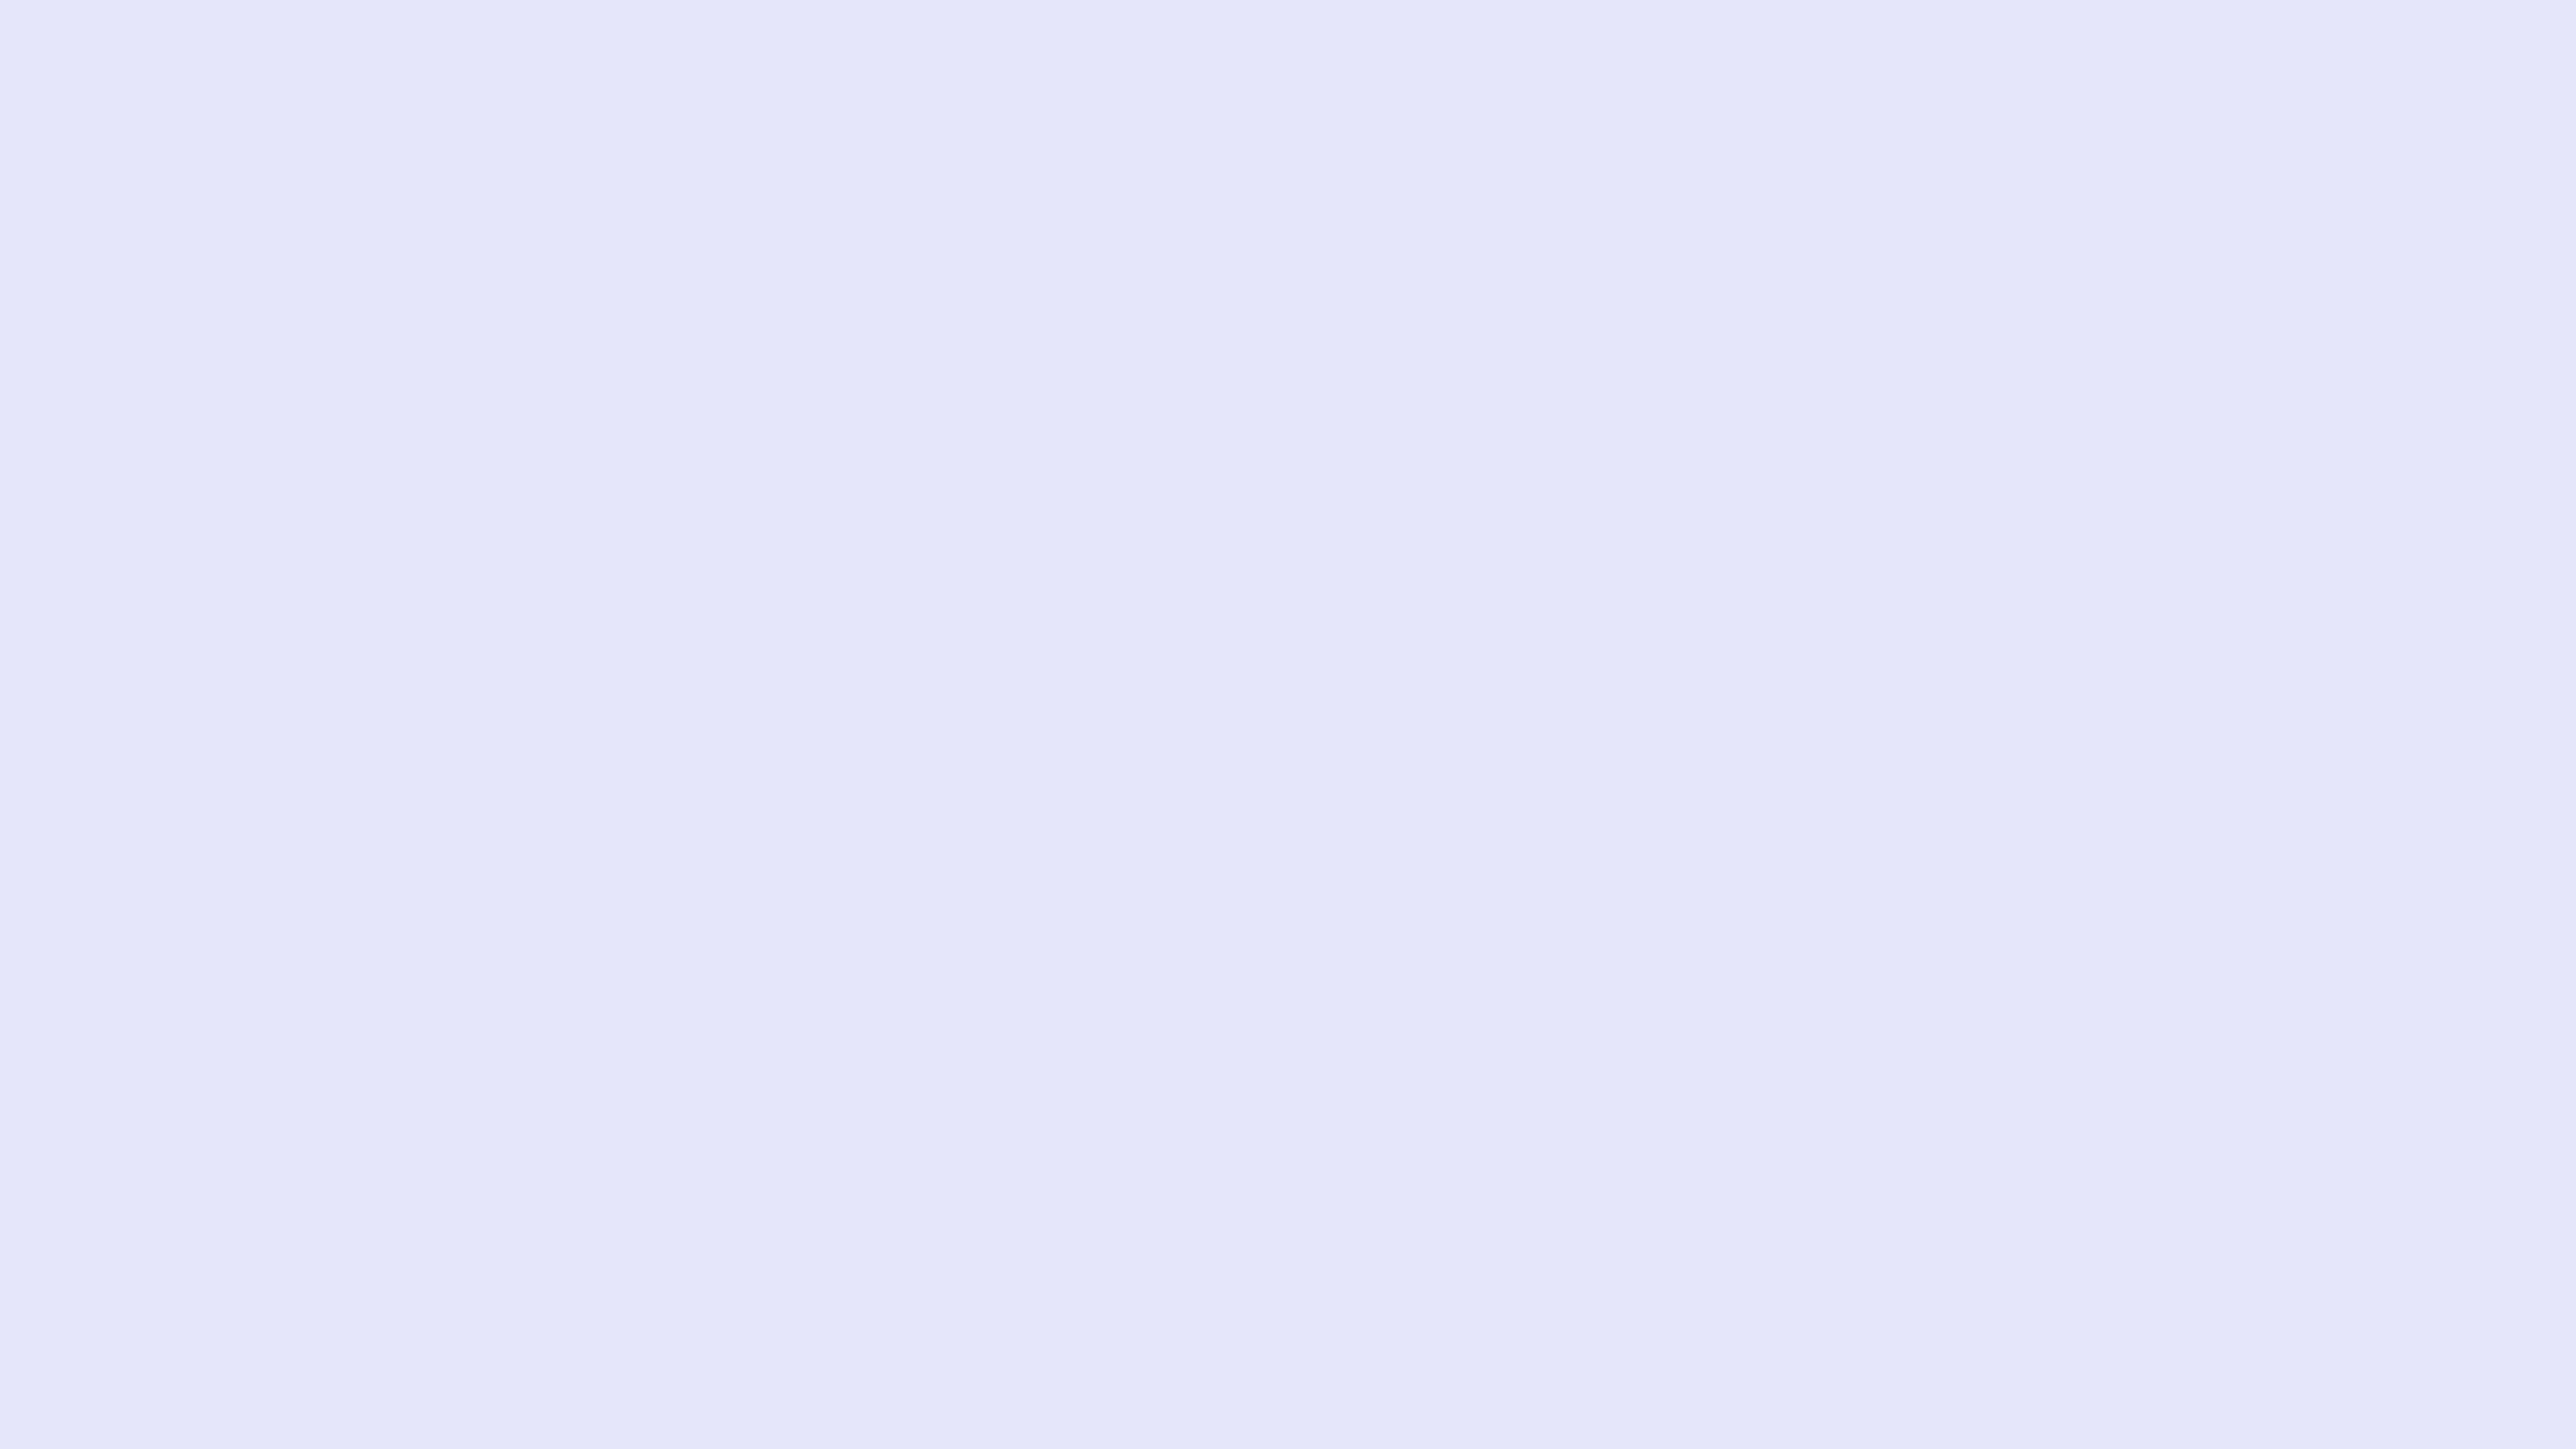 5120x2880 Lavender Mist Solid Color Background